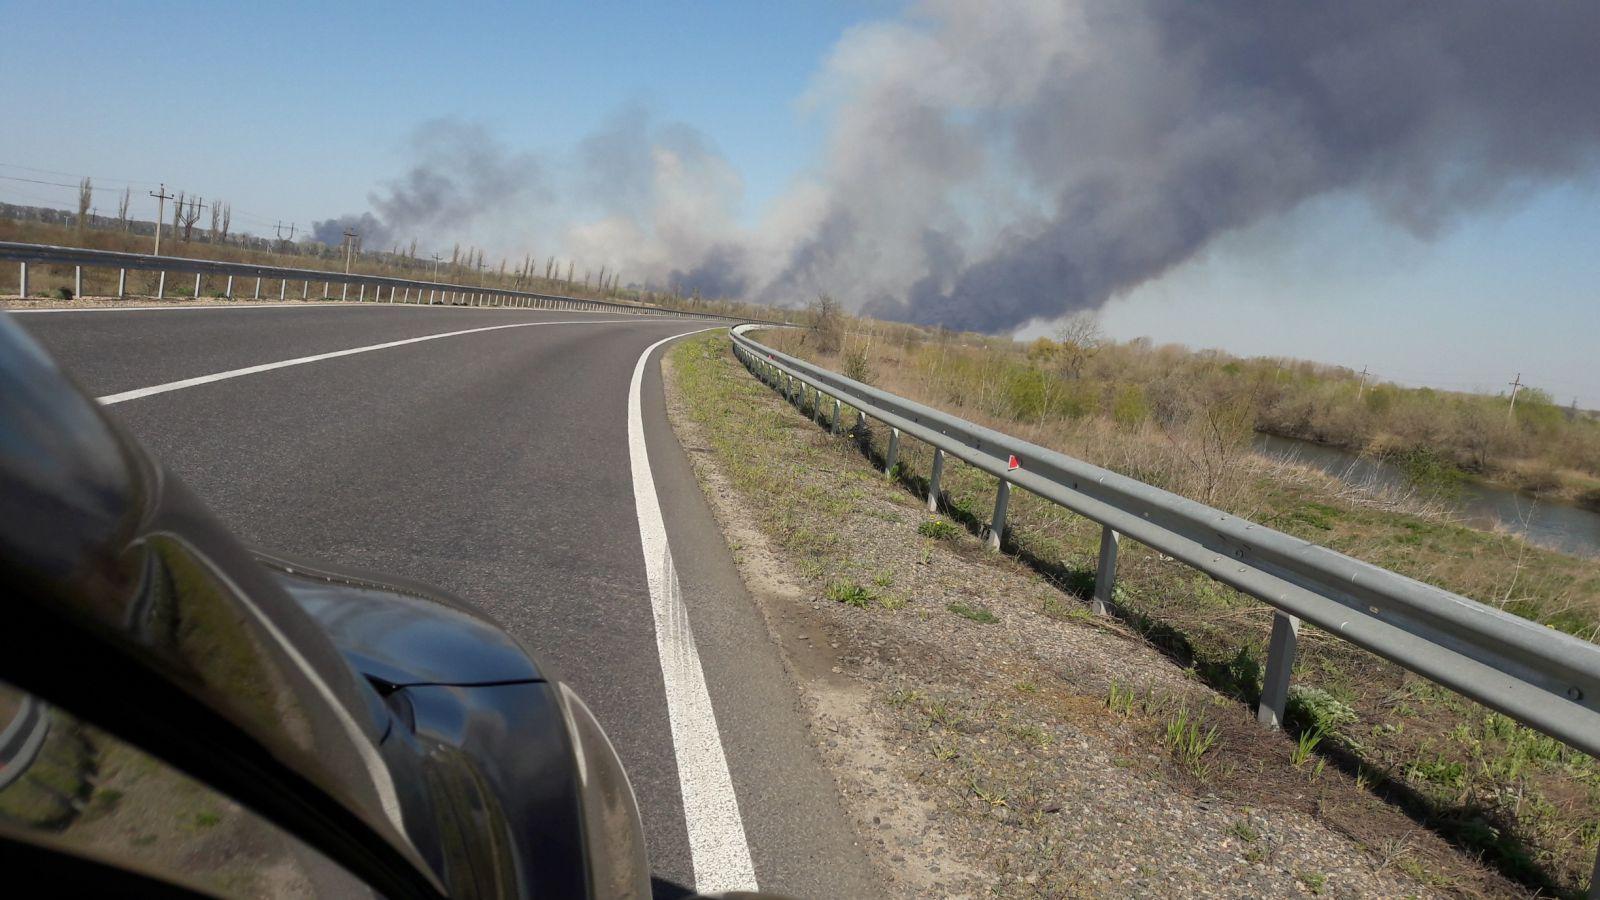 Чорний дим видно за багато кілометрів: під Одесою спалахнула пожежа в природному парку